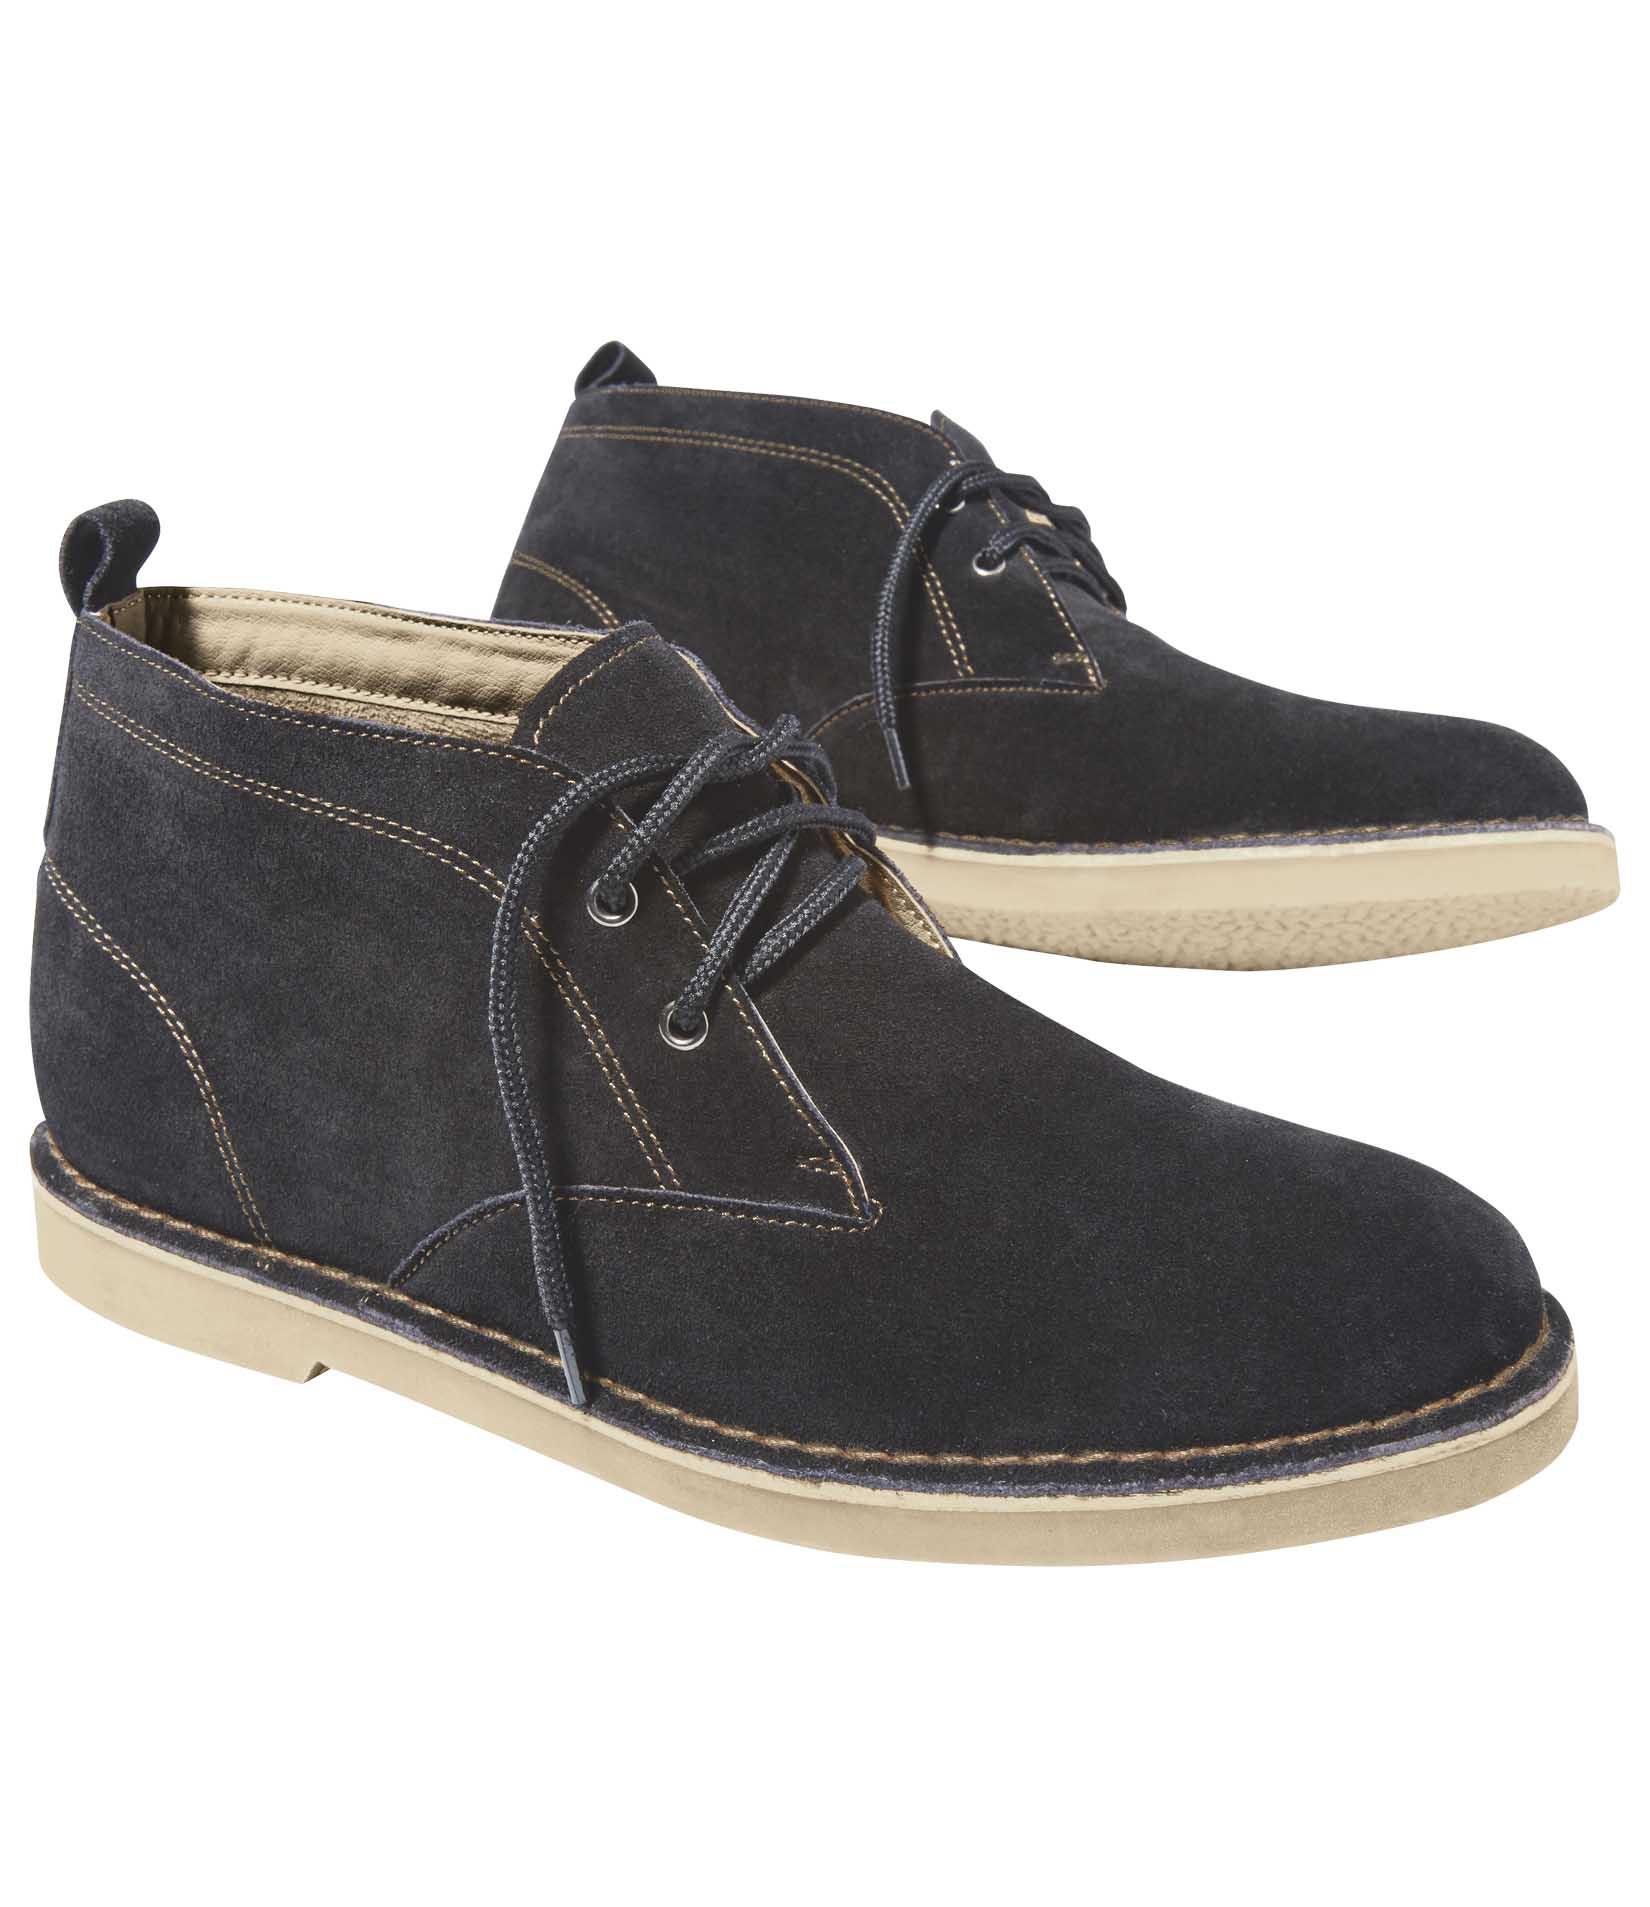 Boots Strong Roots pour Hommes - Tailles au choix